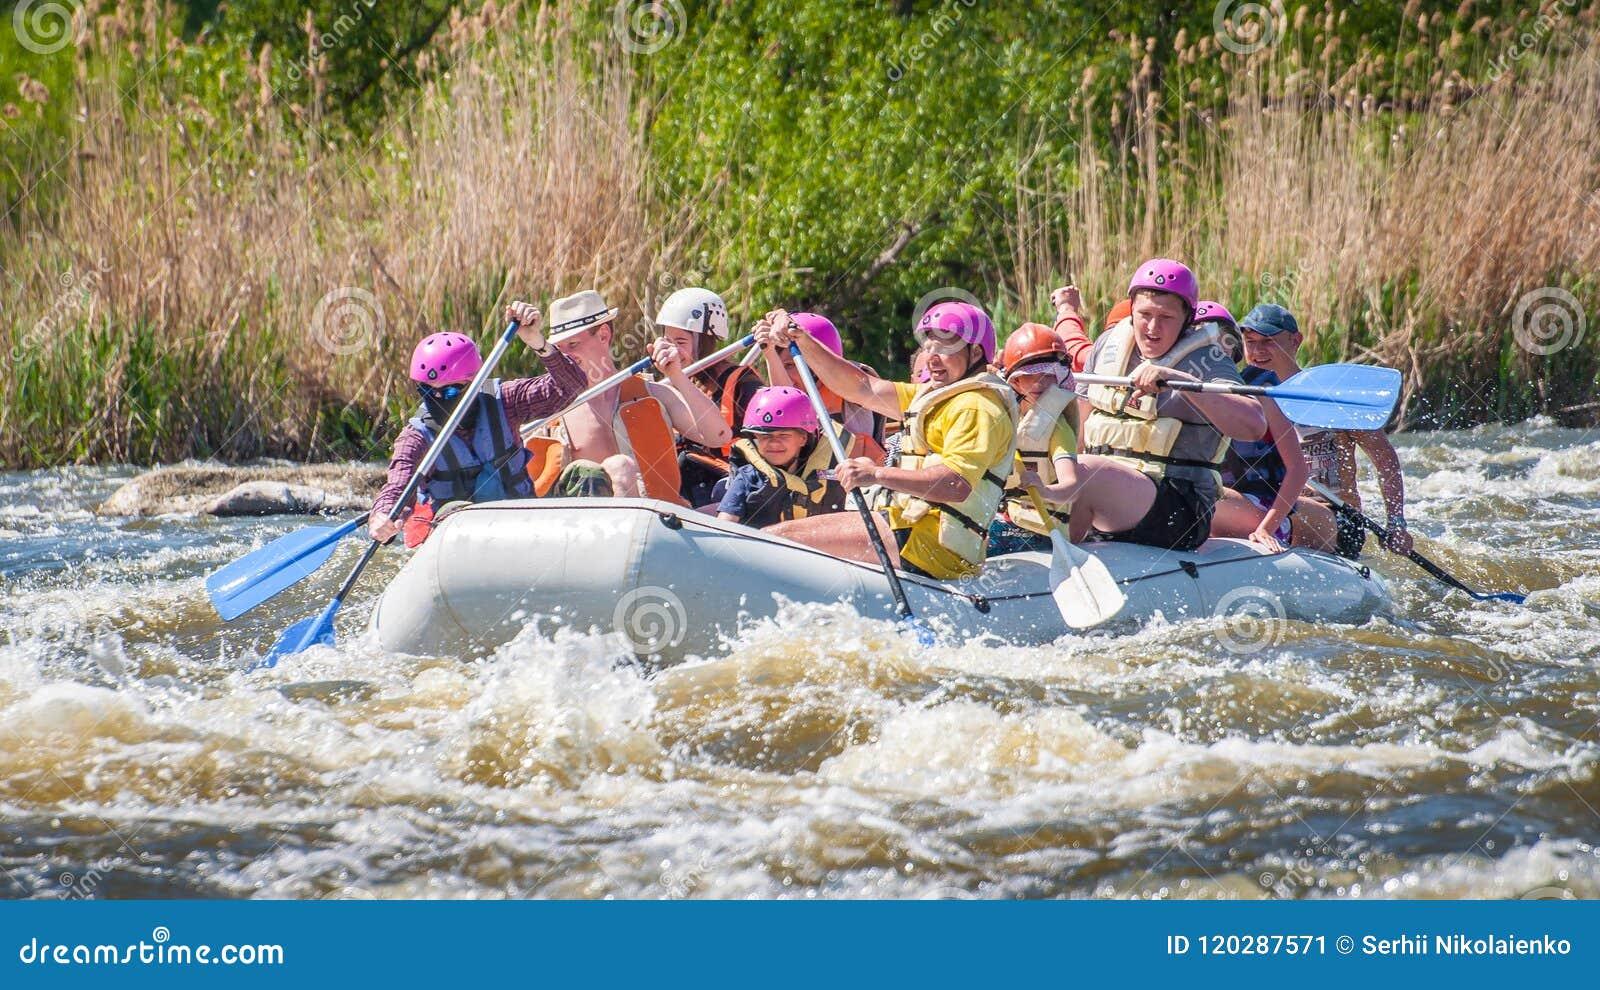 Rabbiting Glat företag av folk av olika åldrar som seglar på ett rubber uppblåsbart fartyg Teamwork positiva sinnesrörelser